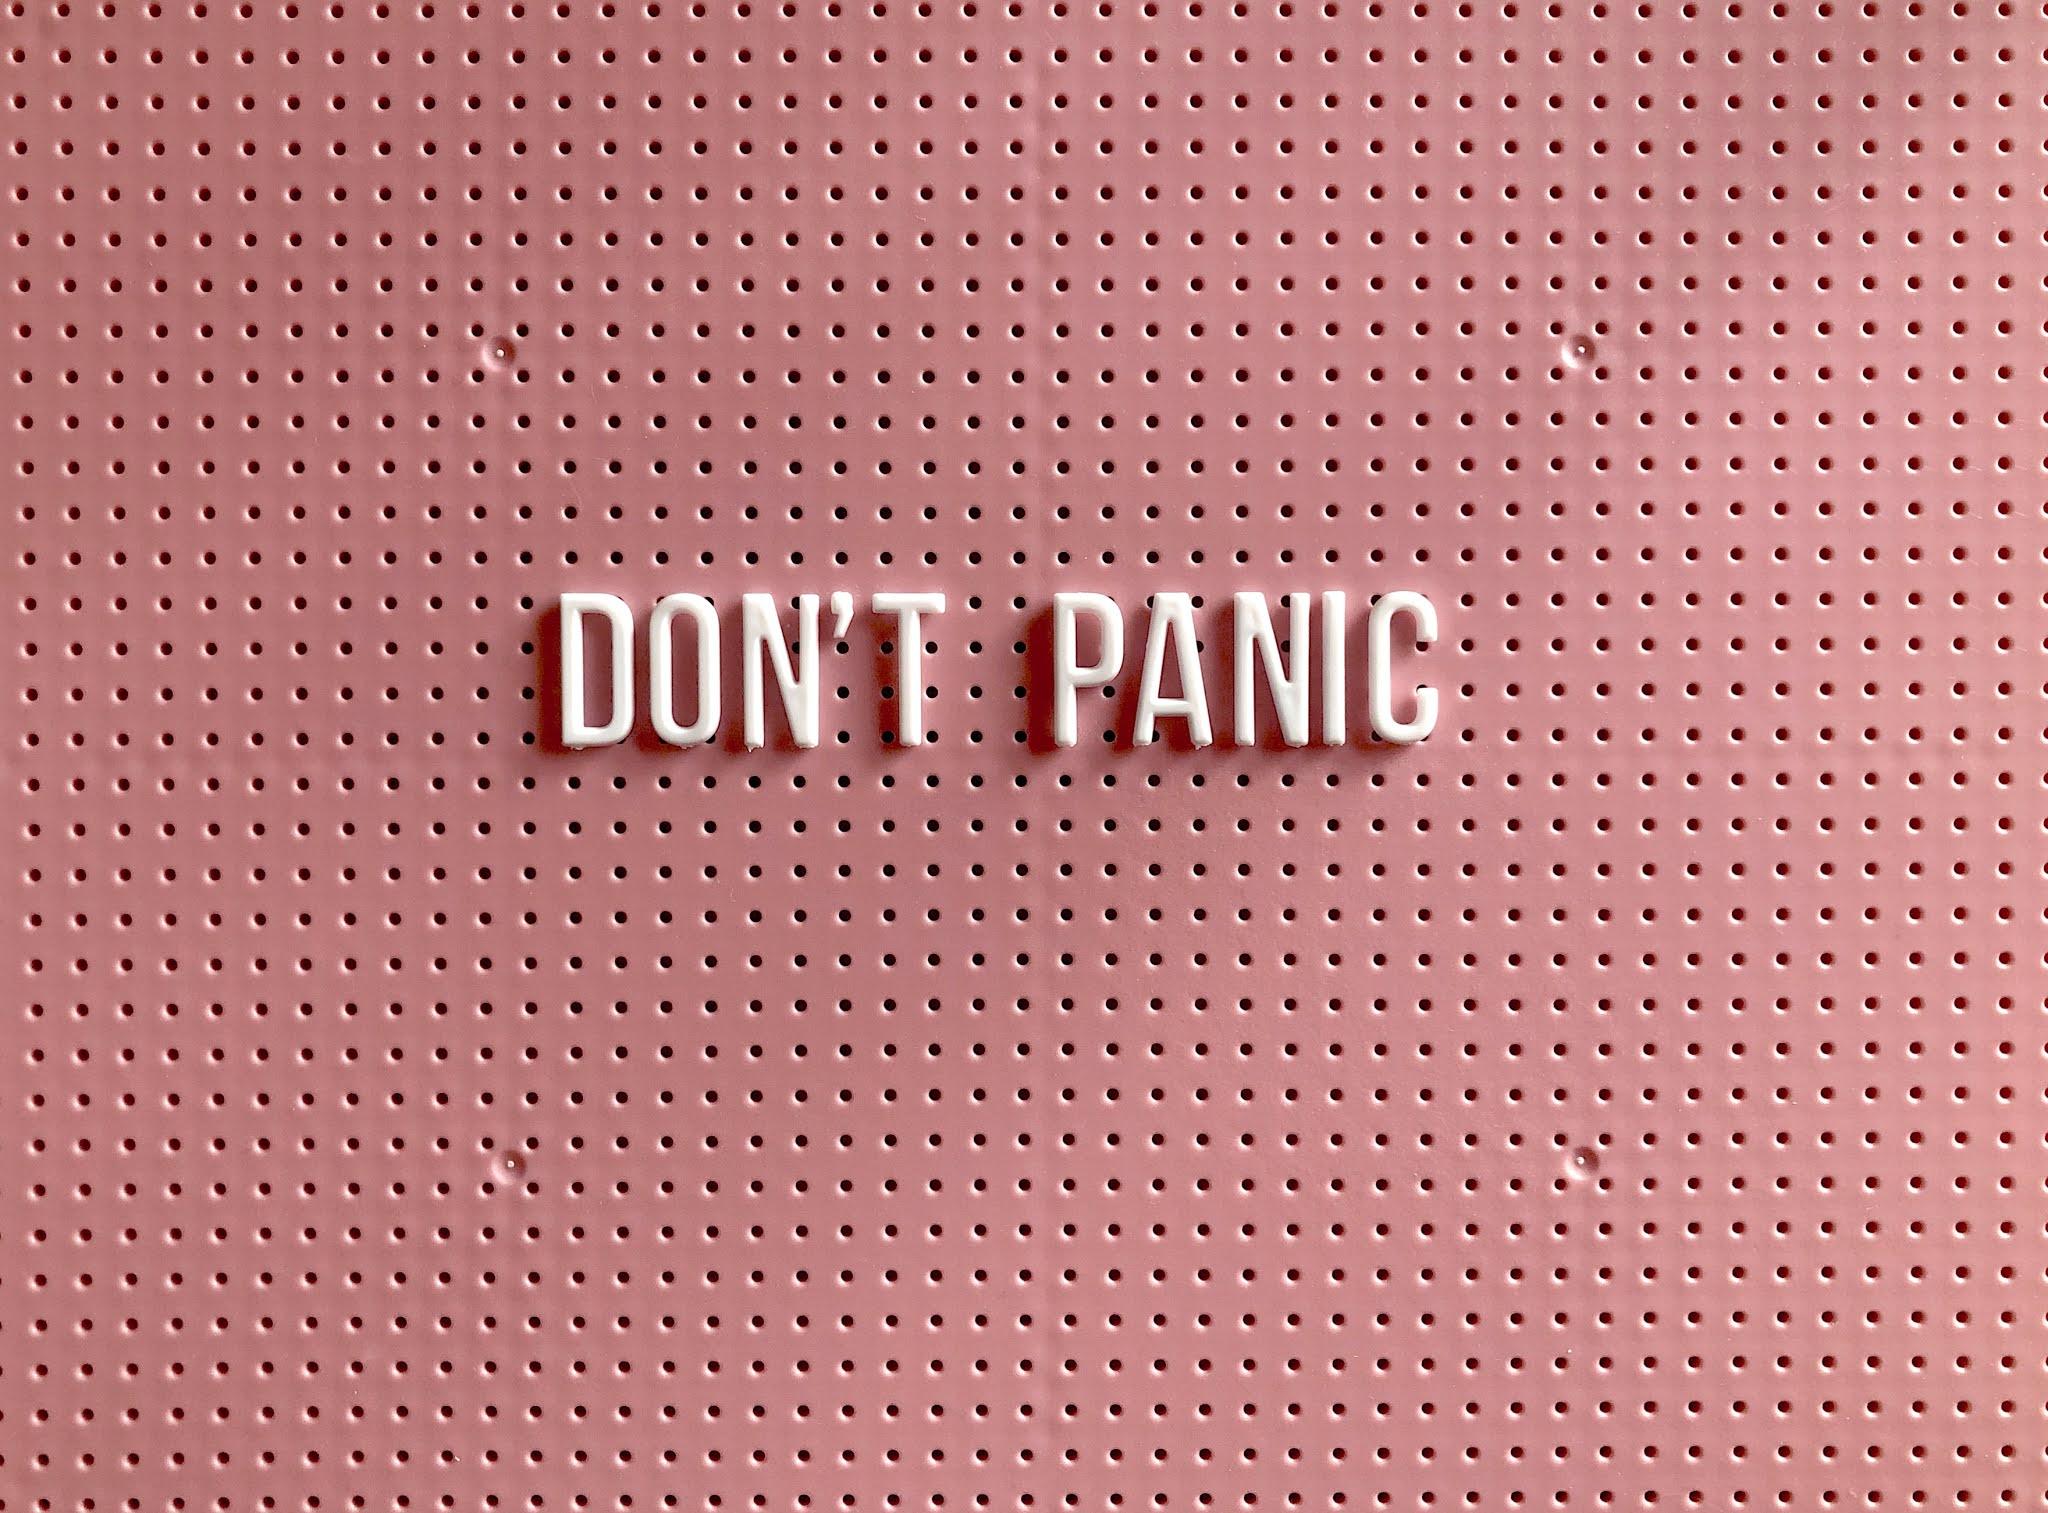 ansiedade pânico medo